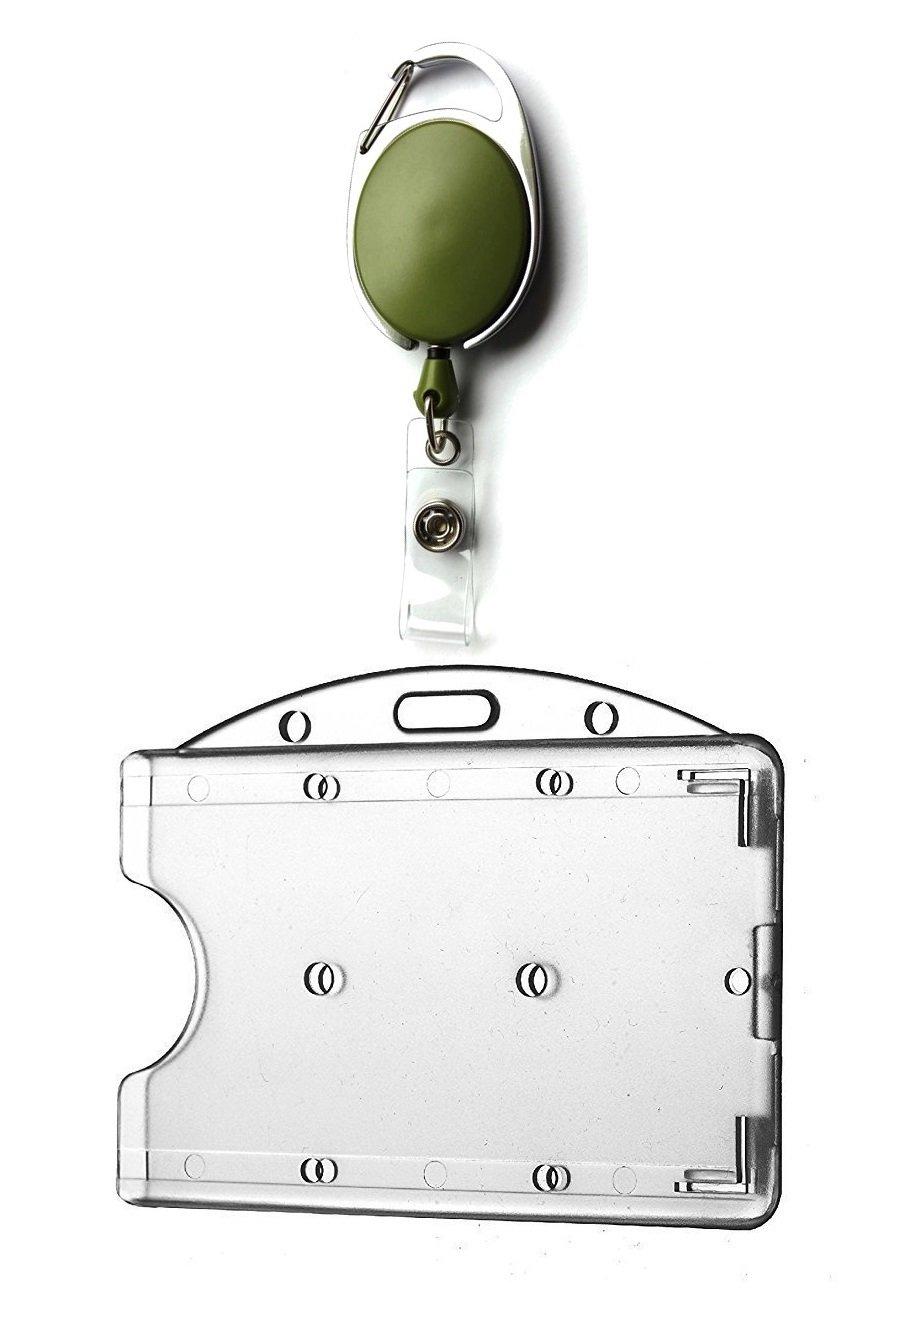 Kartenhalter Daumeneingriff Kartenh/ülle Ausweis H/ülle querformat horizontal GROSSE FARBAUSWAHL Ausweisjojo Jojo Zipper oval Waizmann.IDeaS 1x Ausweisset